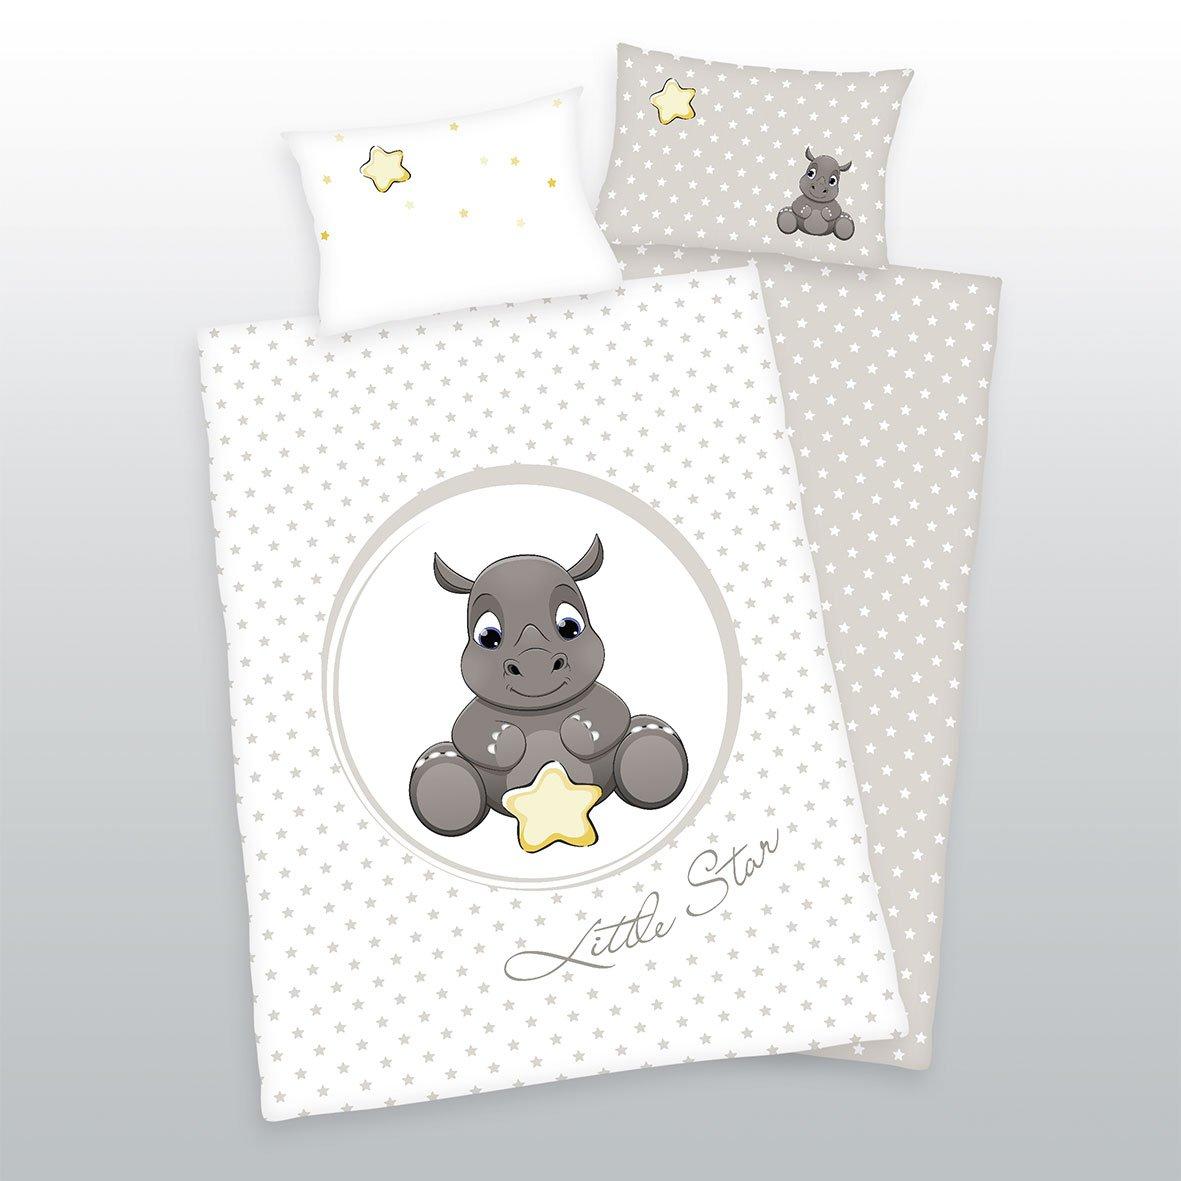 3pièces Baby Parure de lit réversible Motif: Rhinocéros–100x 135cm + 40x 60cm + 1Drap Housse en flanelle blanc 70x 140cm Herding/Müskaan